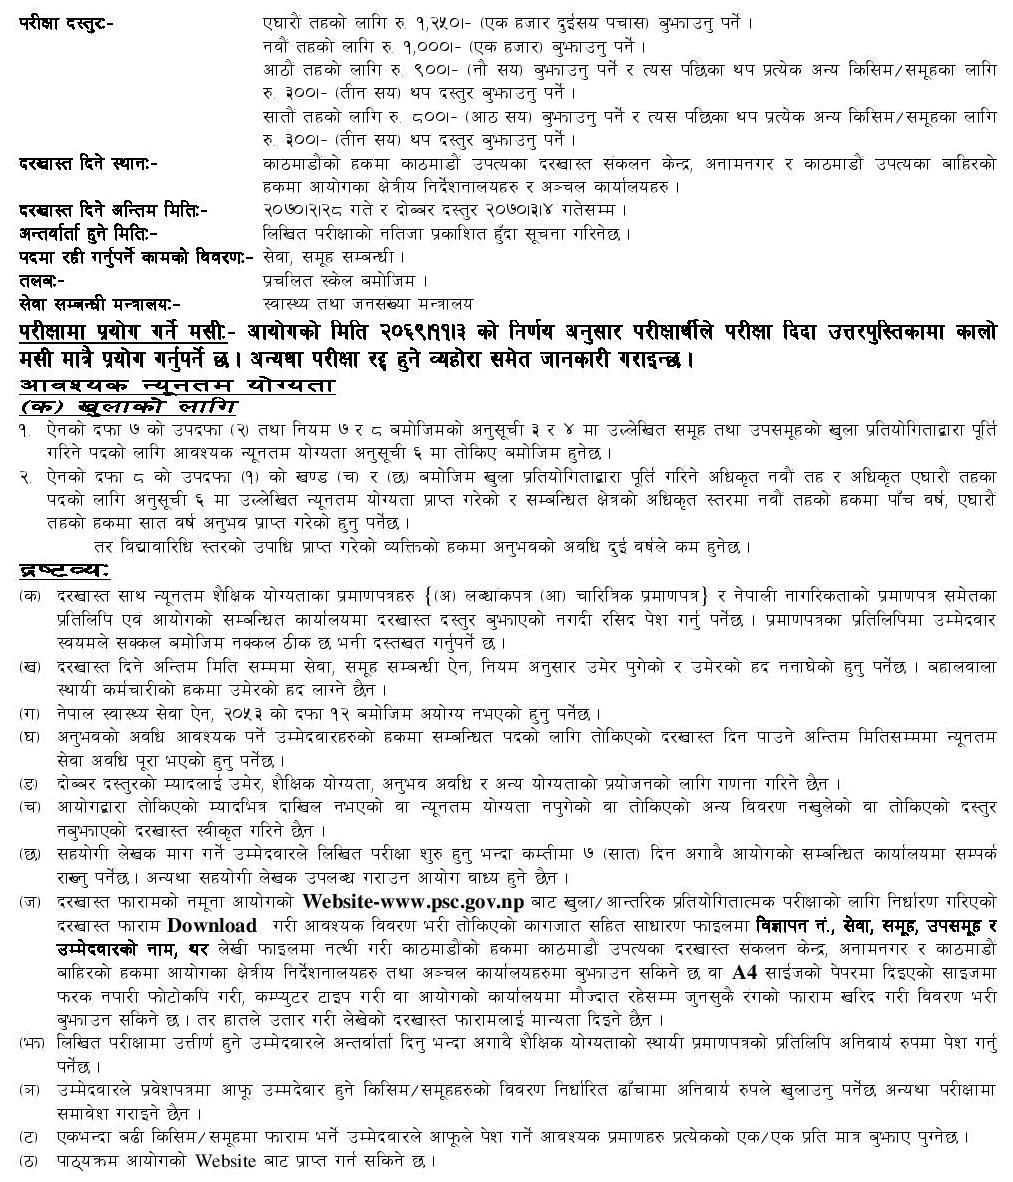 Vacancy Announcement By Public Service Commission Lok